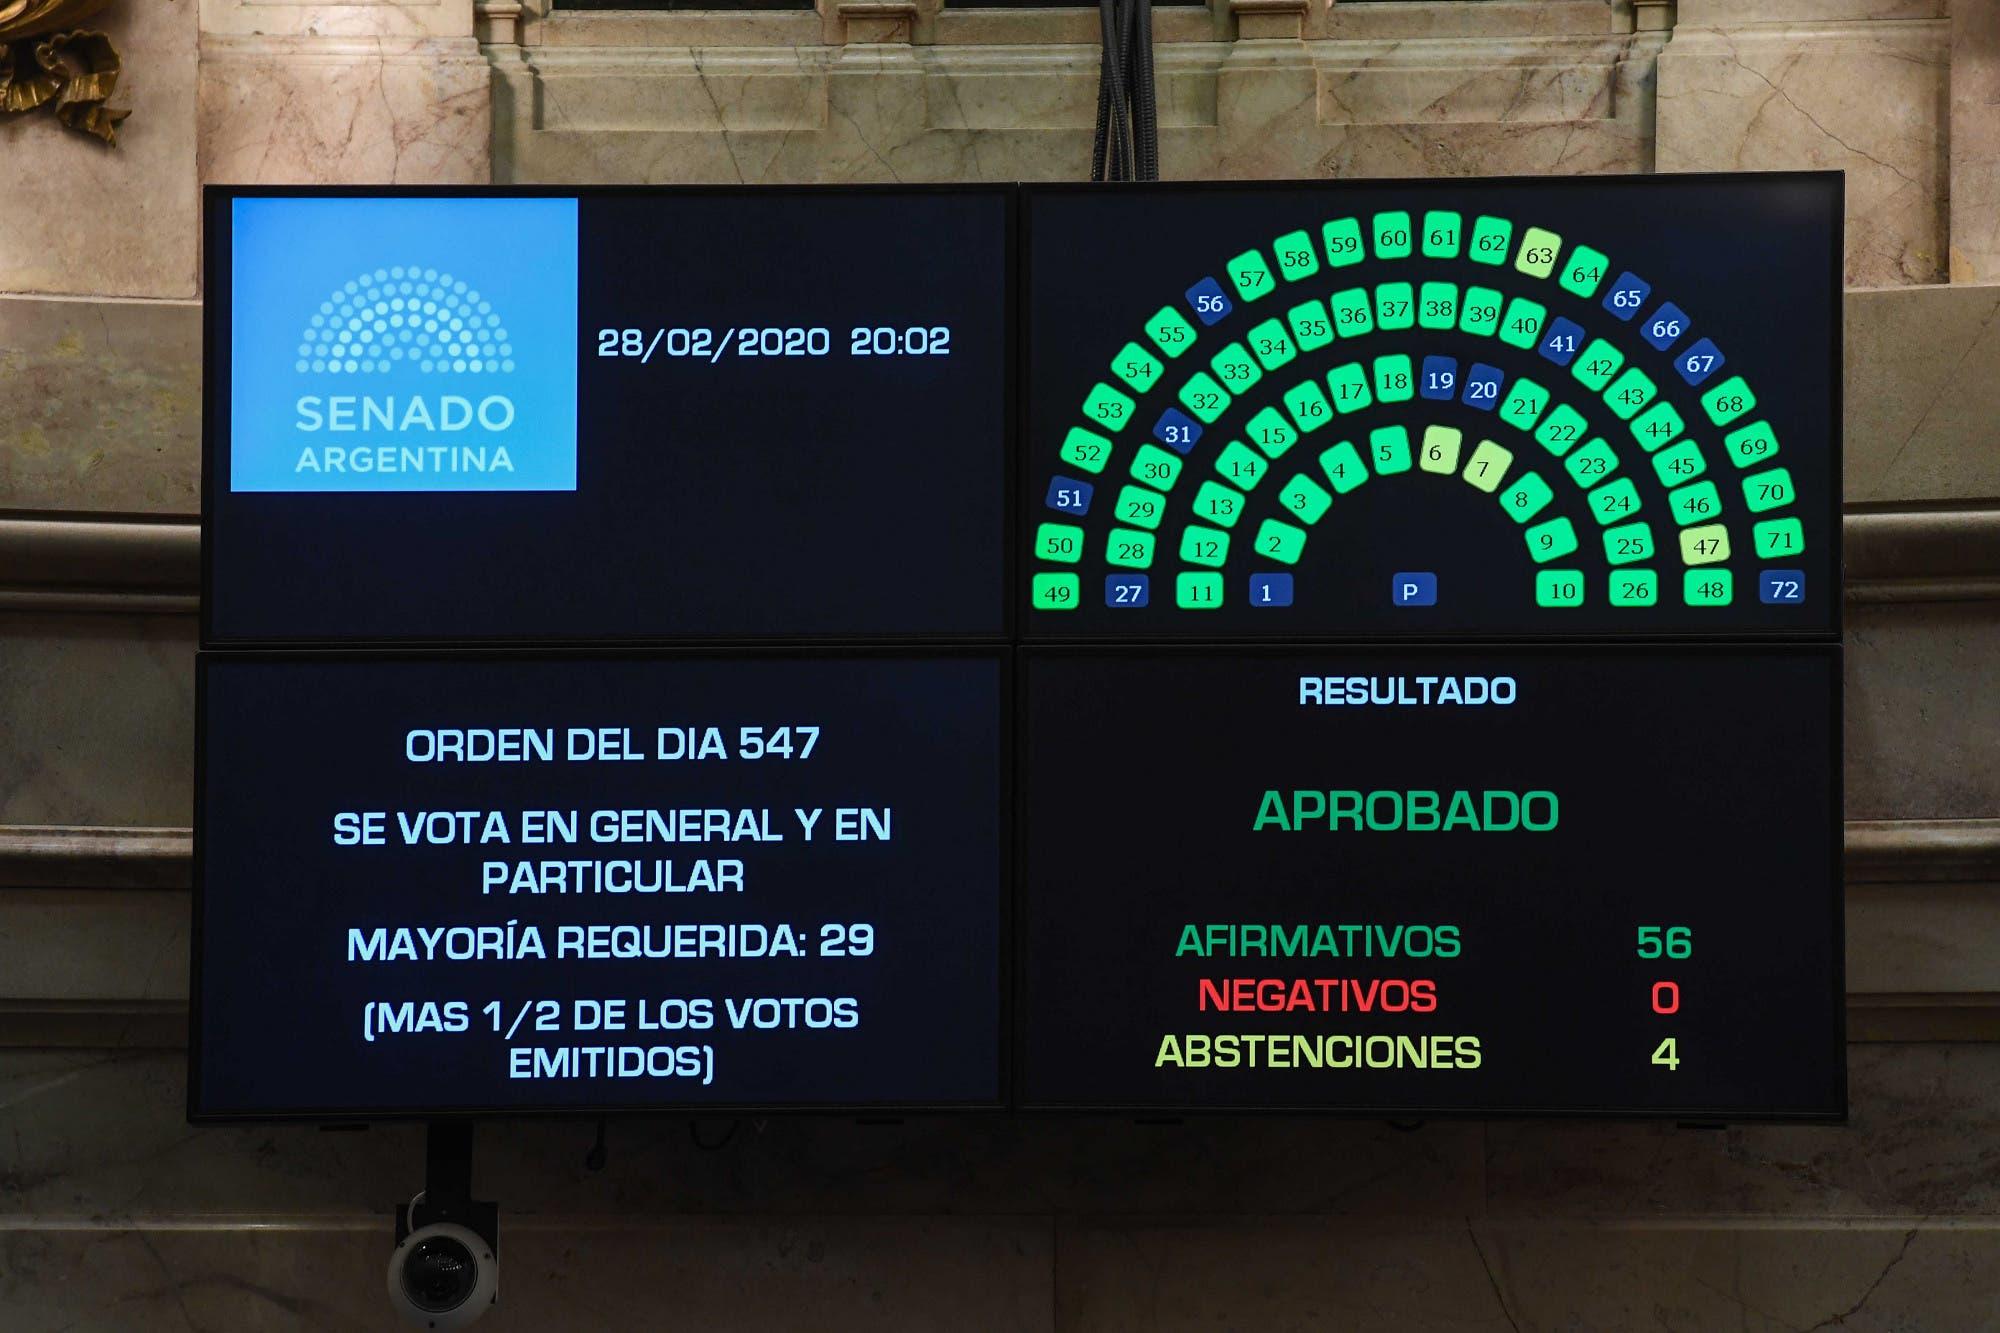 El Senado sancionó la ley de góndolas para regular la competencia en los supermercados